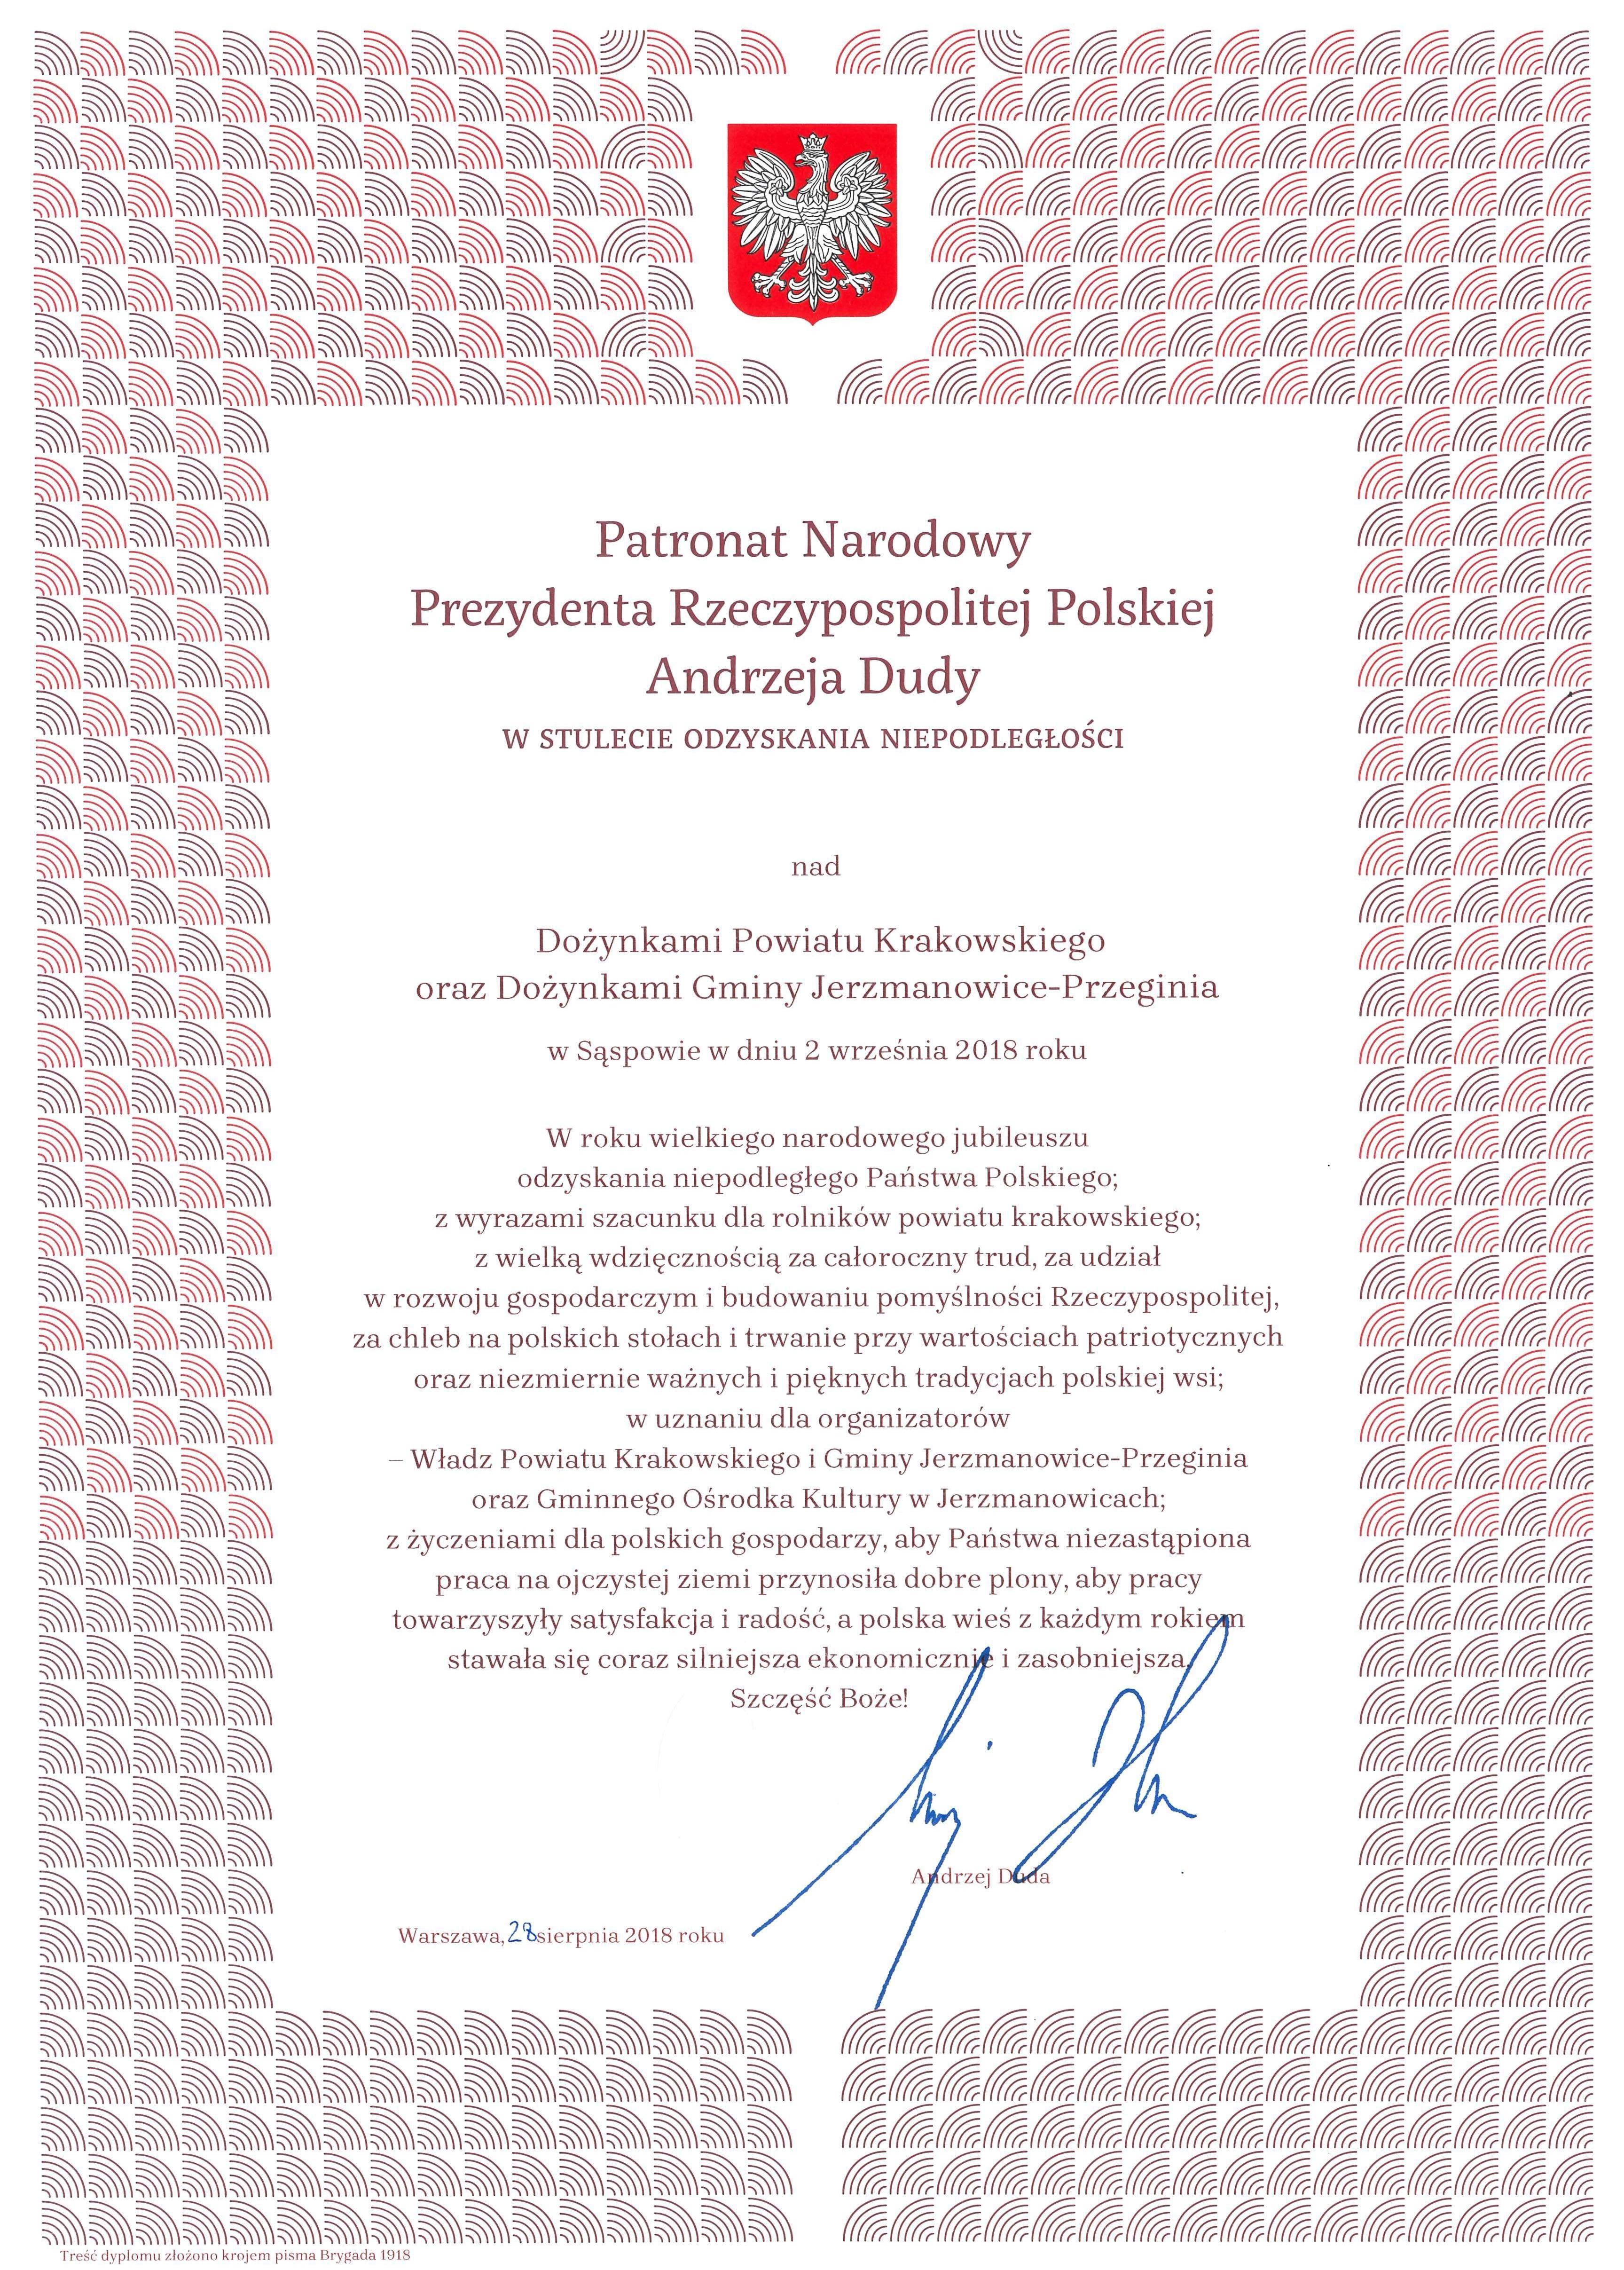 Patronat Narodowy Prezydenta RP Andrzeja Dudy w Stulecie Odzyskania Niepodległości